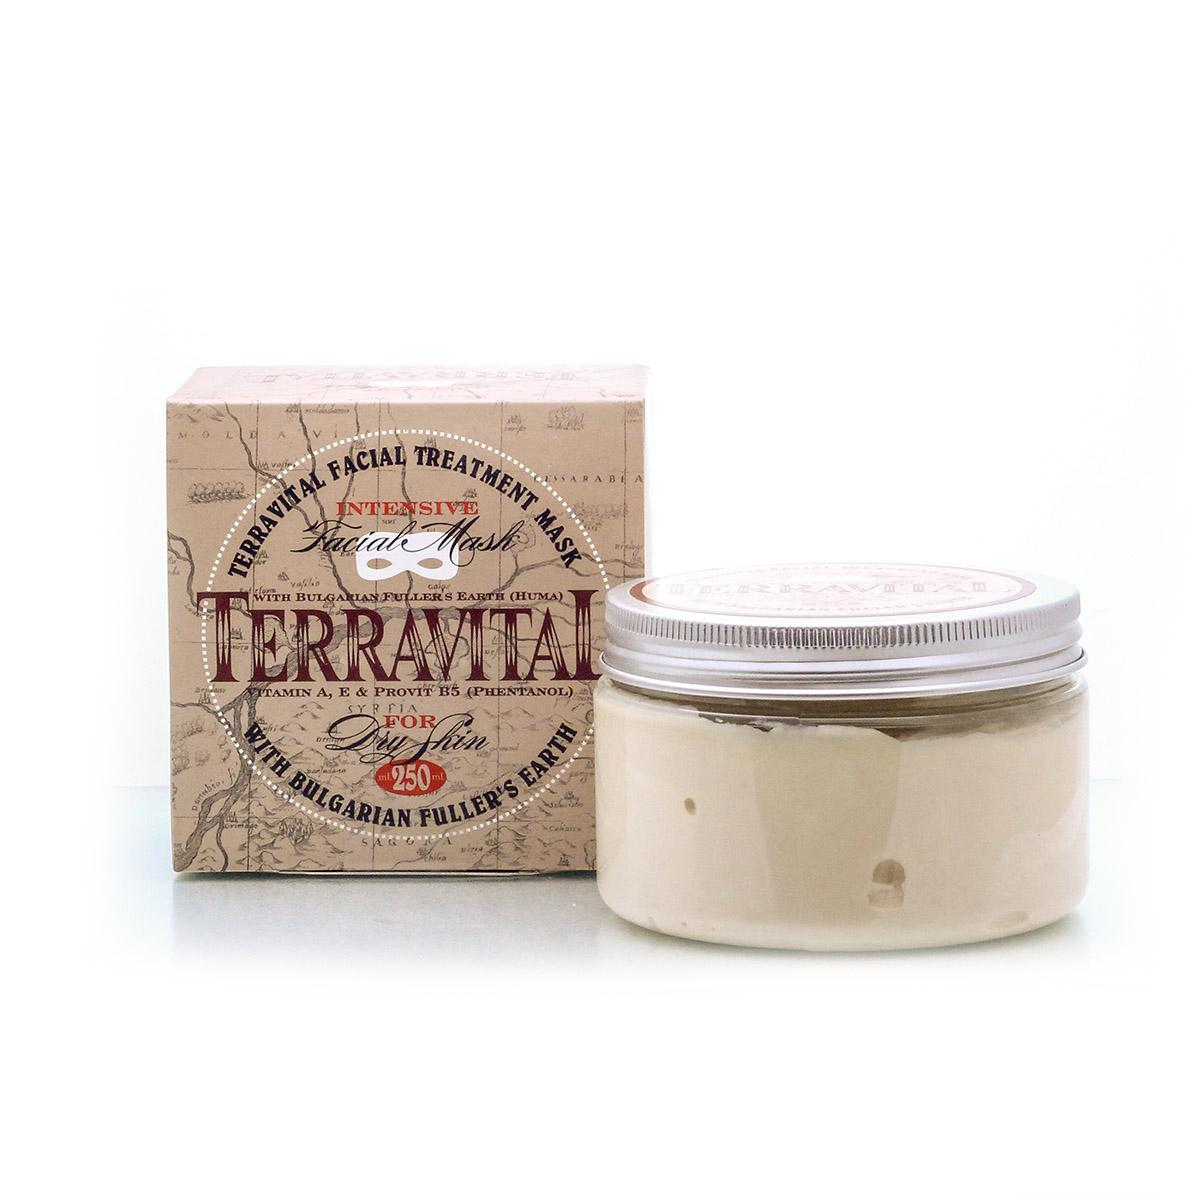 Fuller's earth face mask for dry skin Terravital Avia